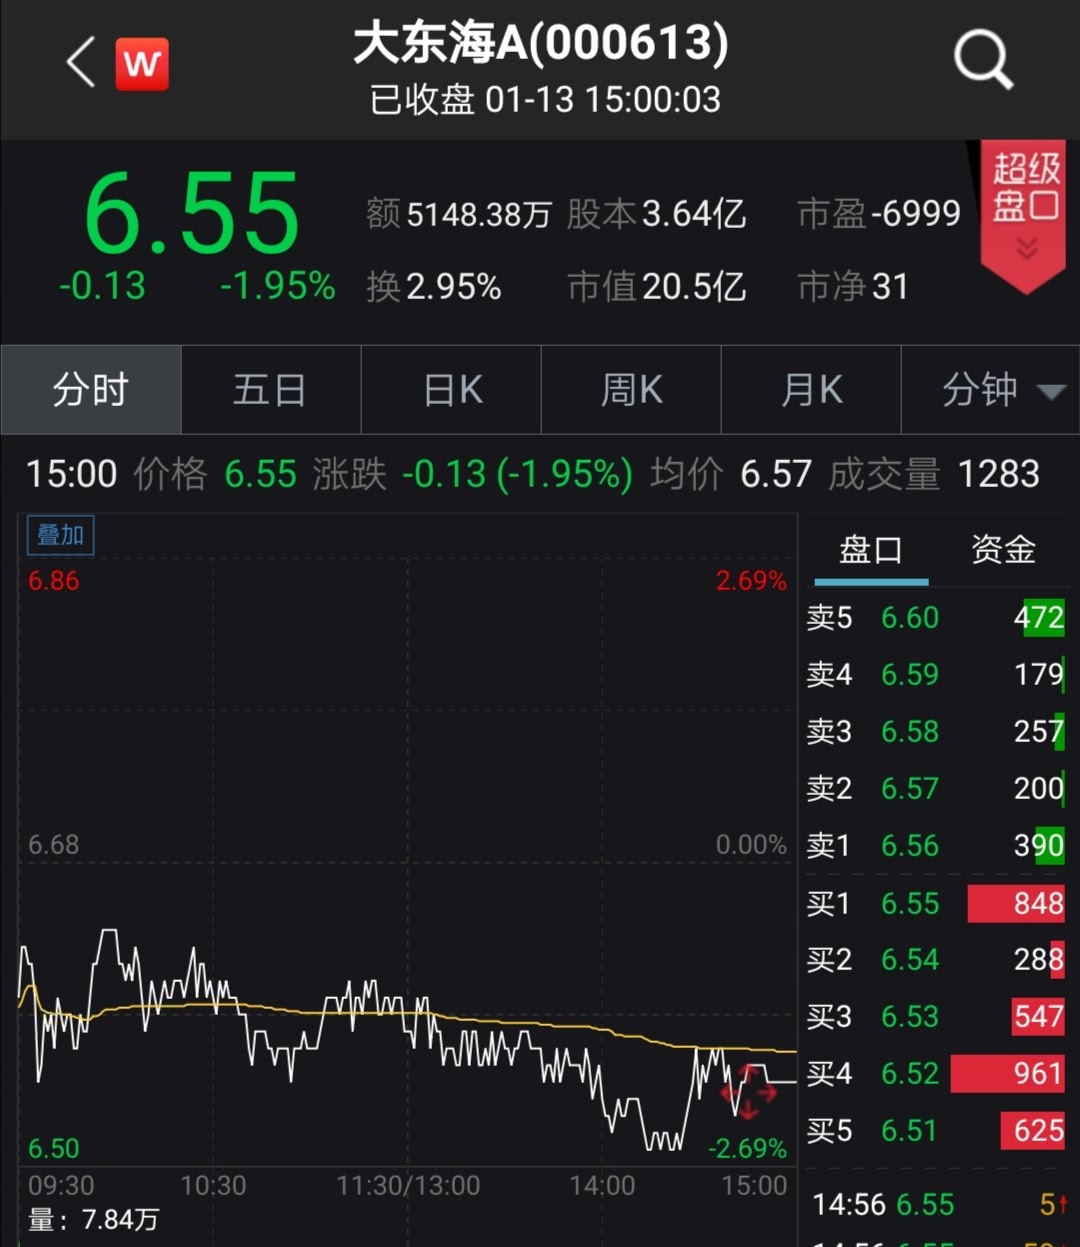 大东海A预计2019年净利不超120万元,今日股价下跌1.95%